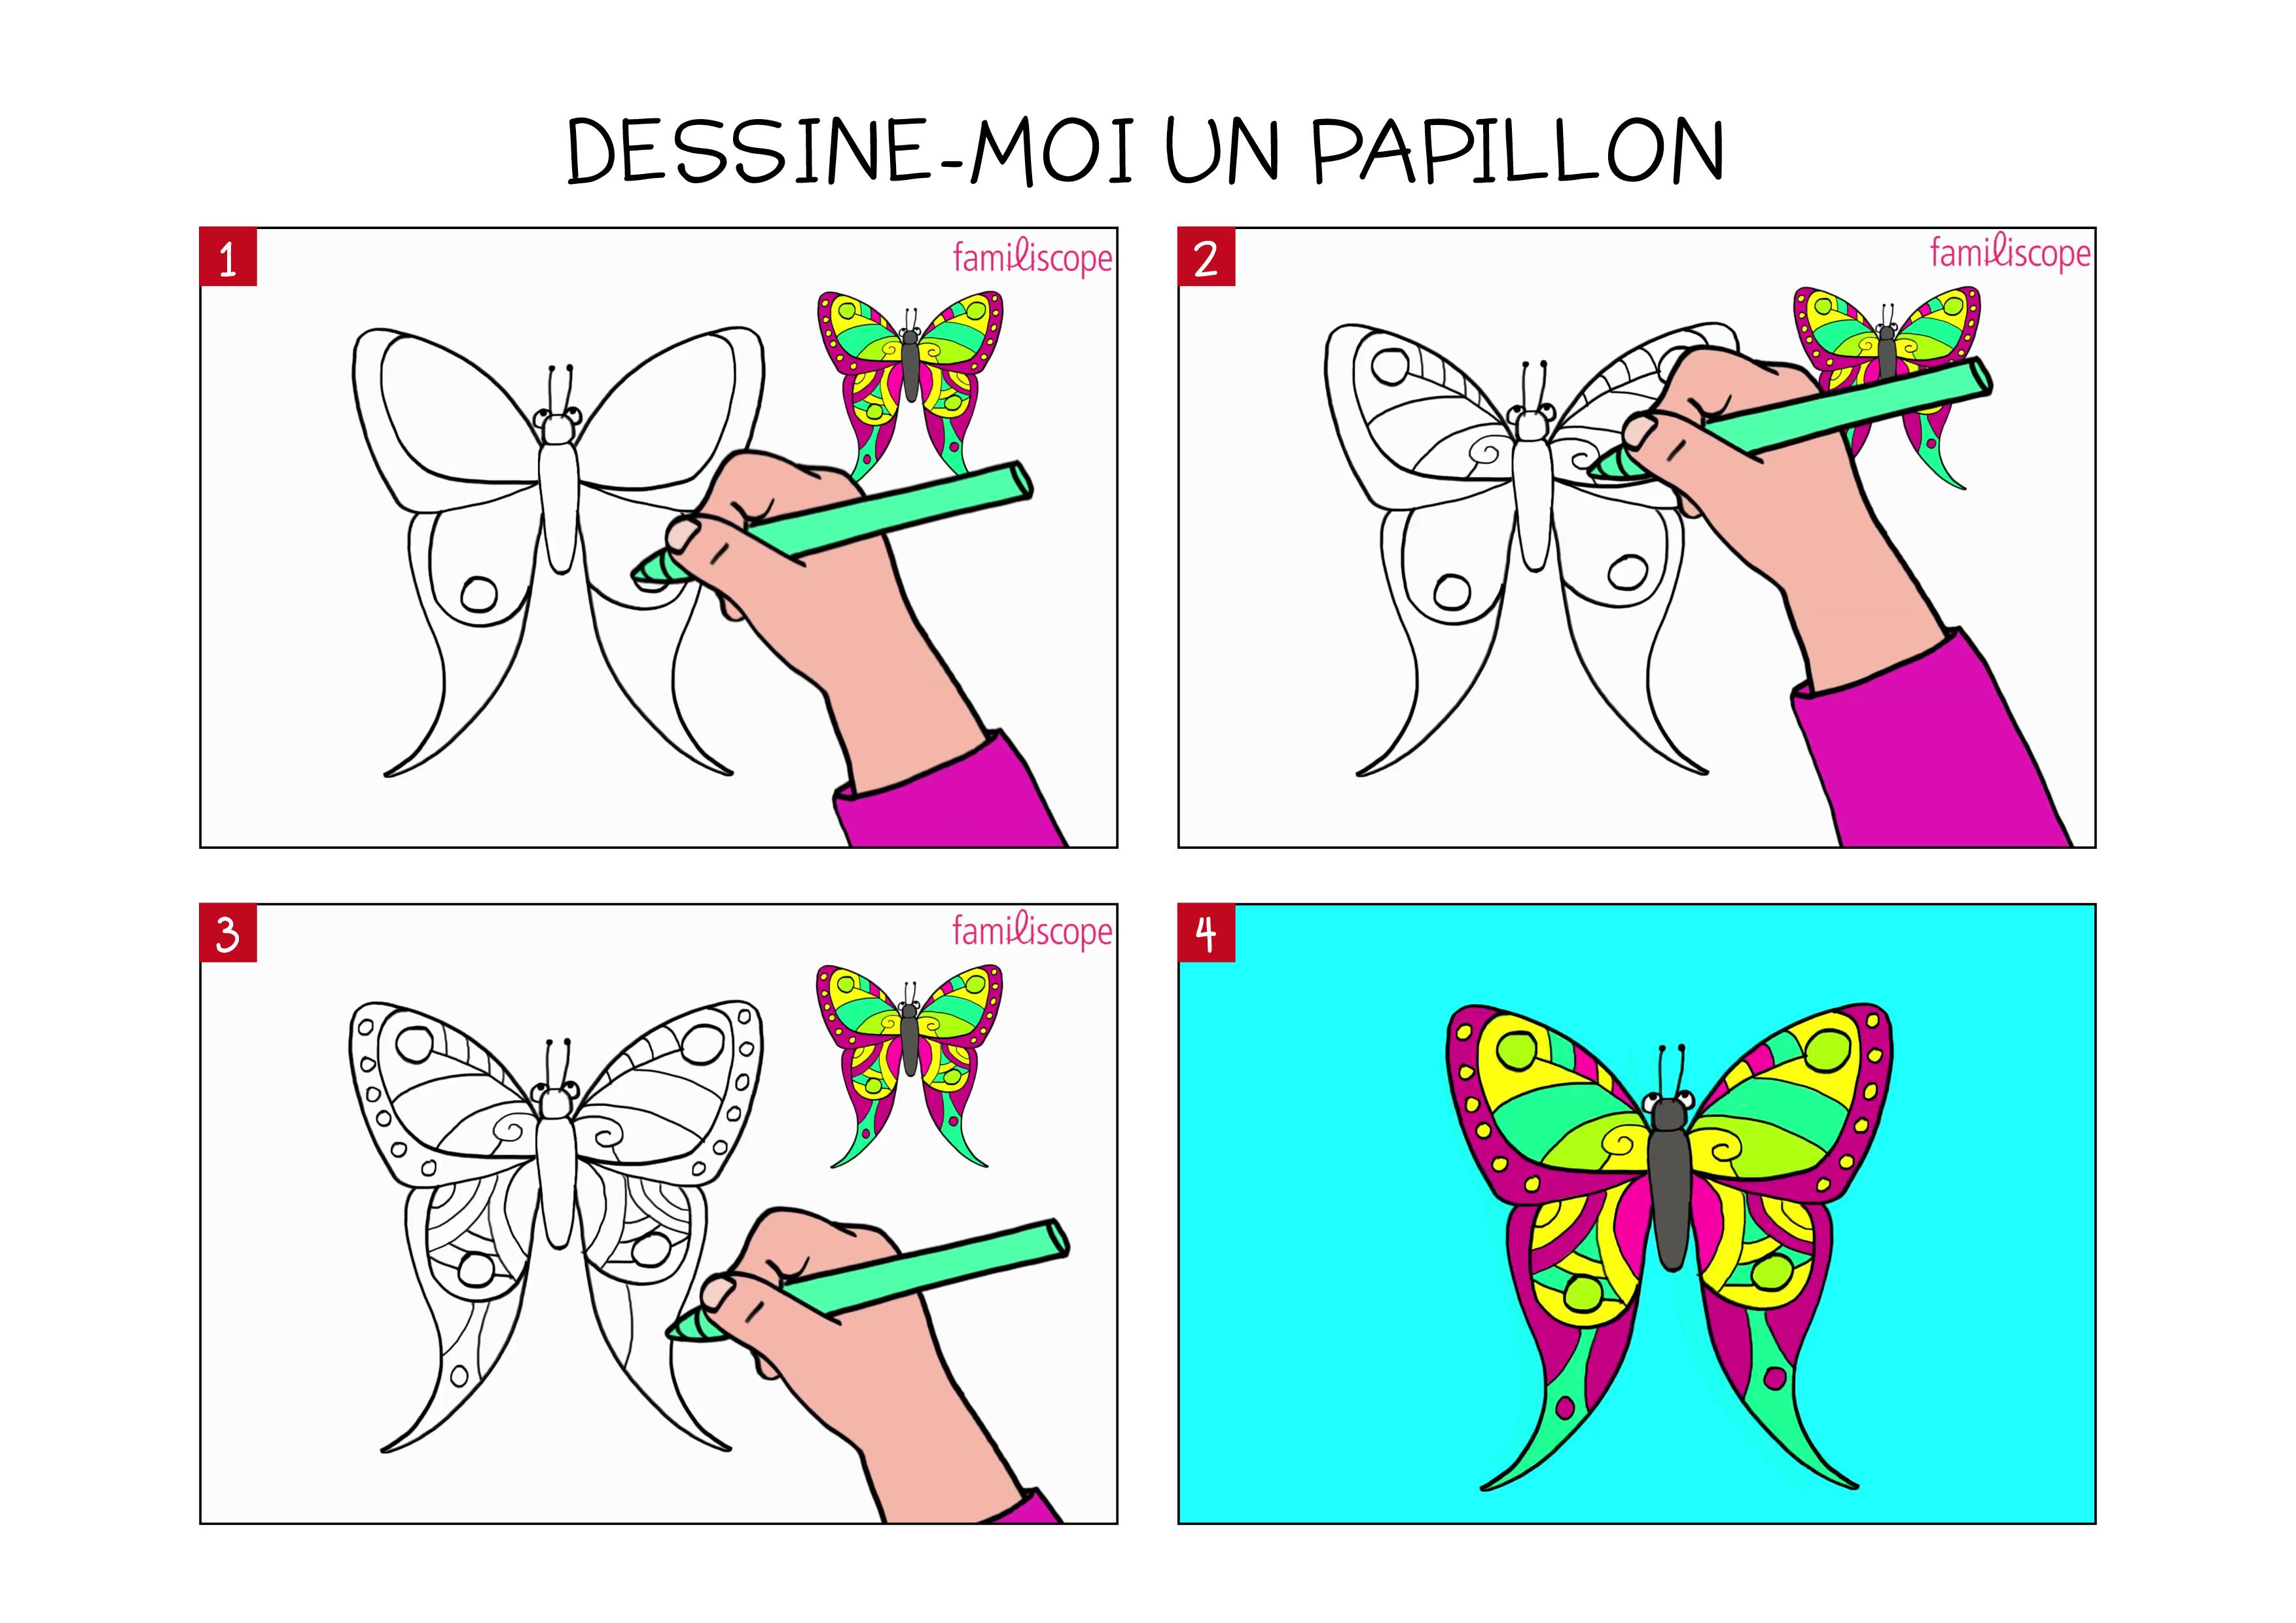 Apprendre À Dessiner Un Papillon En 3 Étapes concernant Dessin Petit Papillon